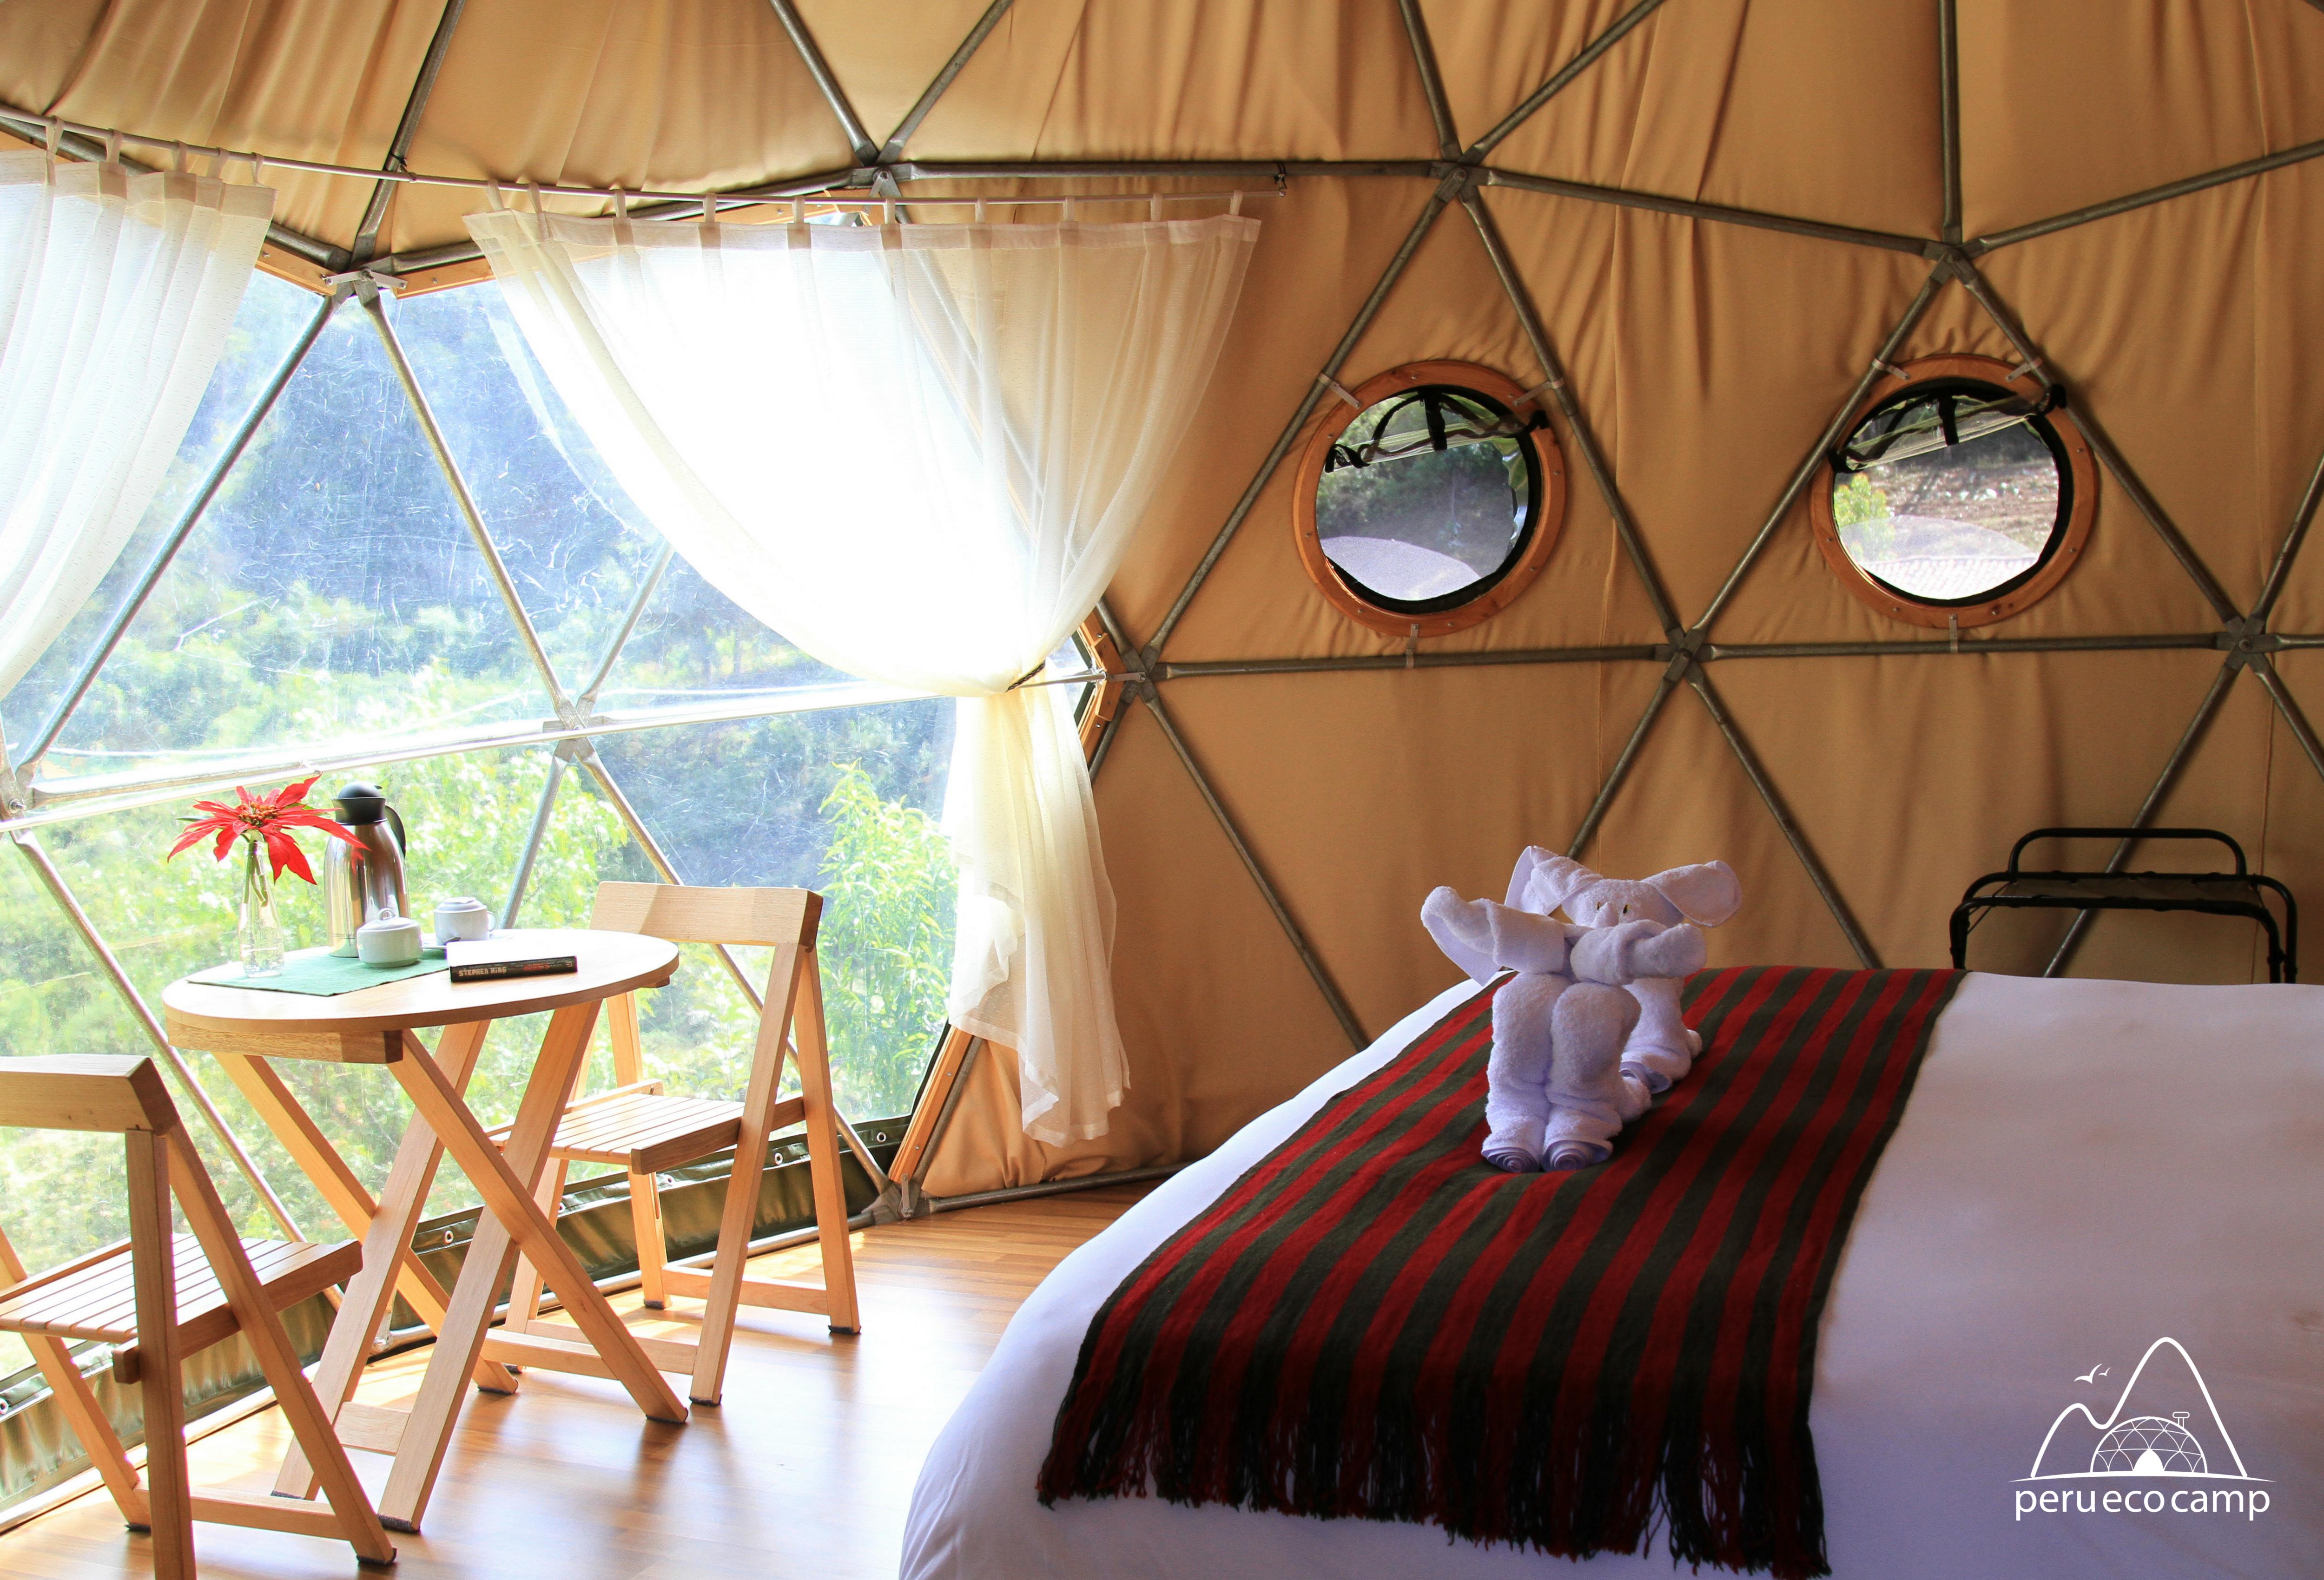 Matrimonial Dome